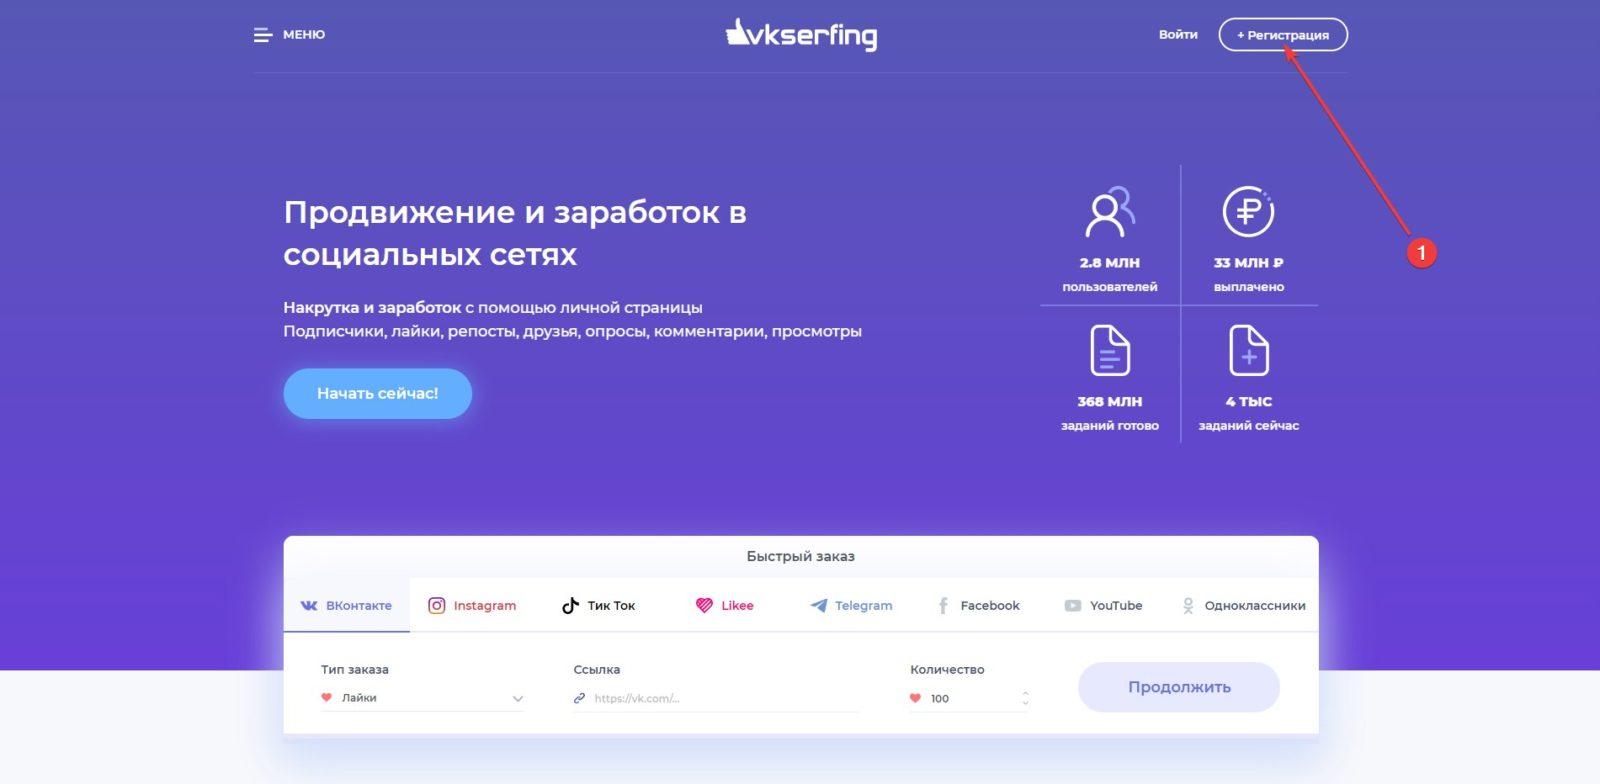 Регистрация в проекте VKserfing